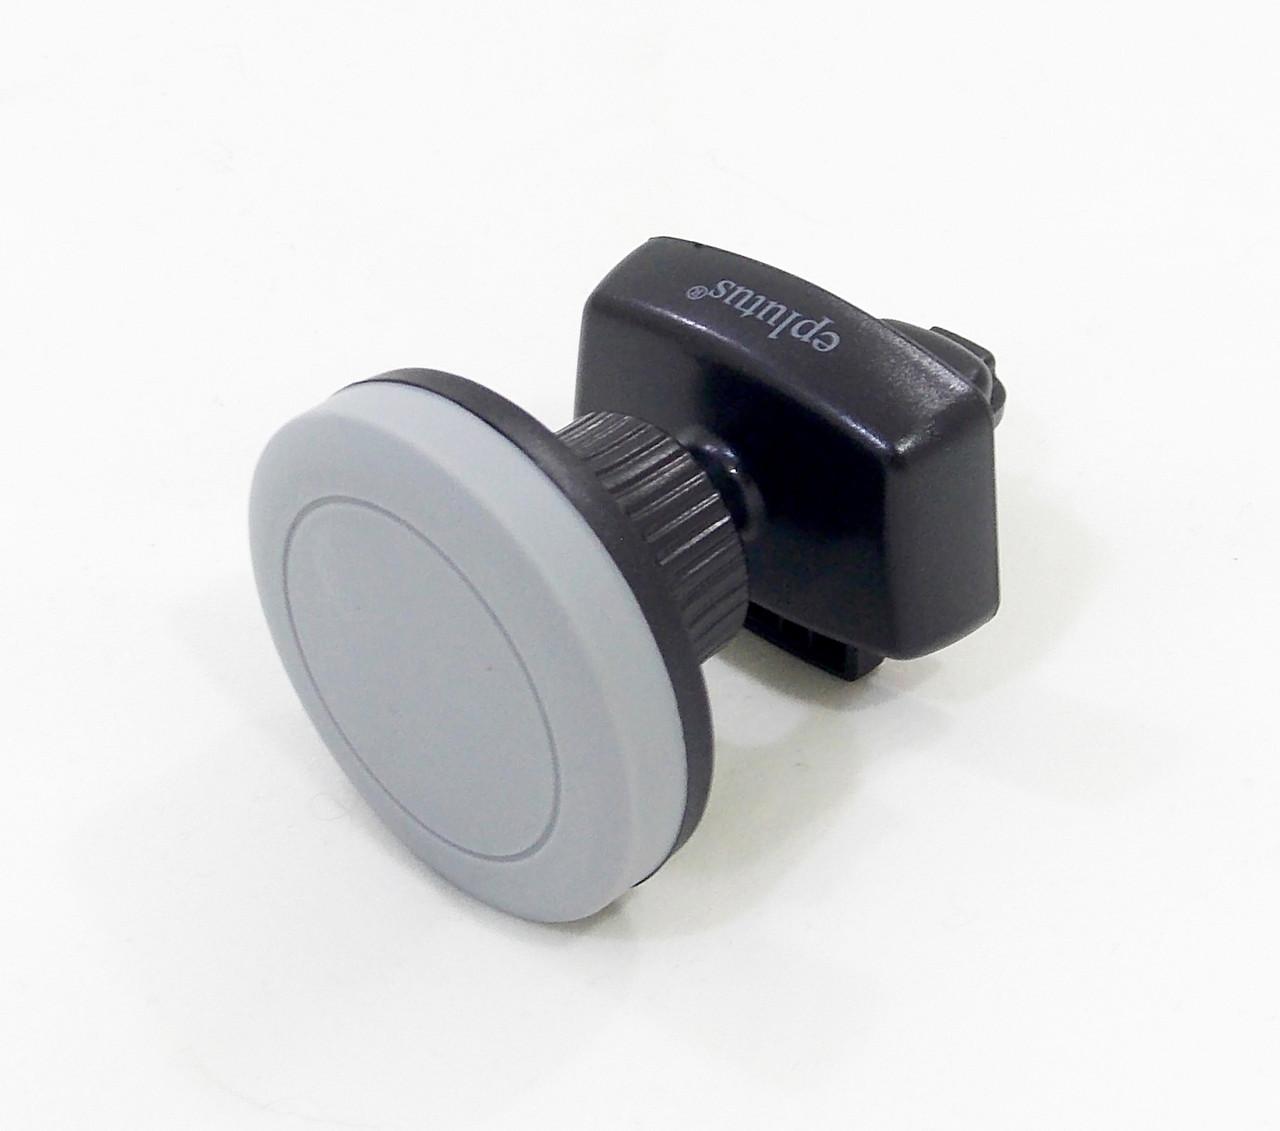 Автомобильный магнитный держатель крепление для мобильного телефона смартфона Eplutus SU-301 в воздуховод в машину